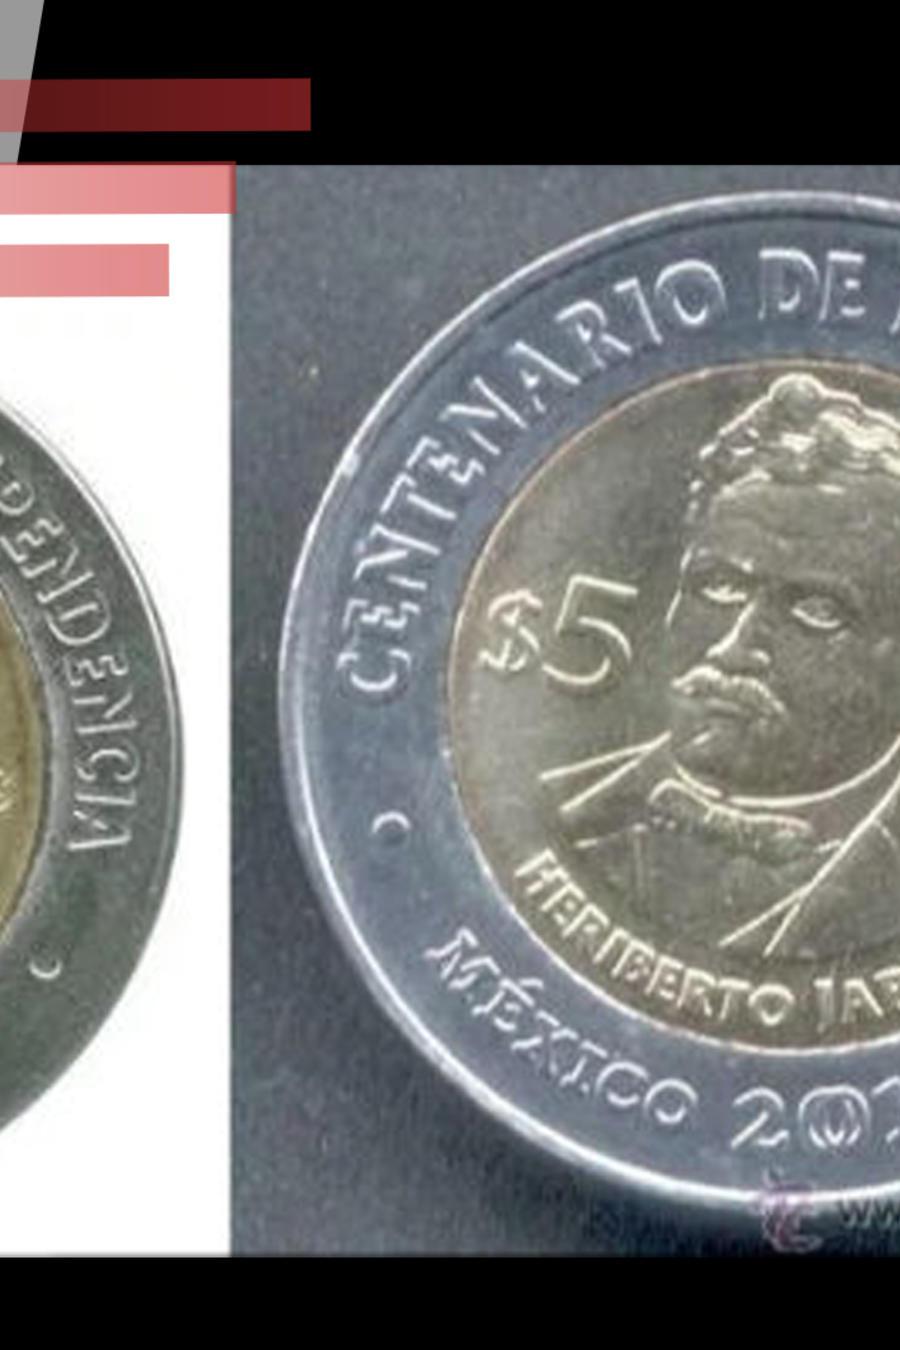 Monedas de 5 pesos mexicanos